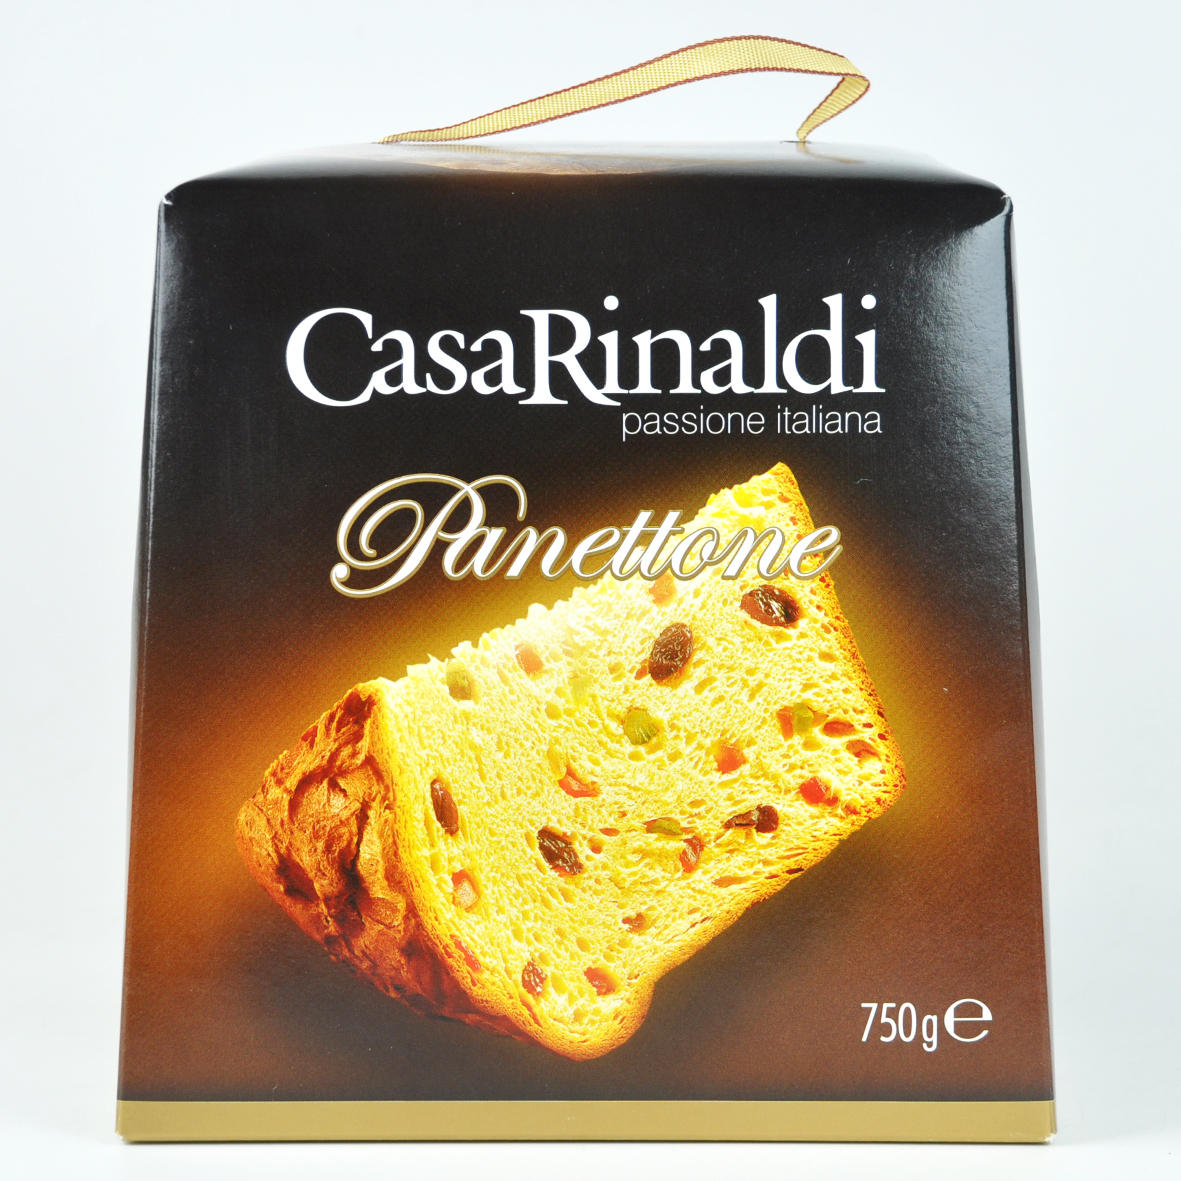 Кулич Классический Festa Casa Rinaldi 750 г